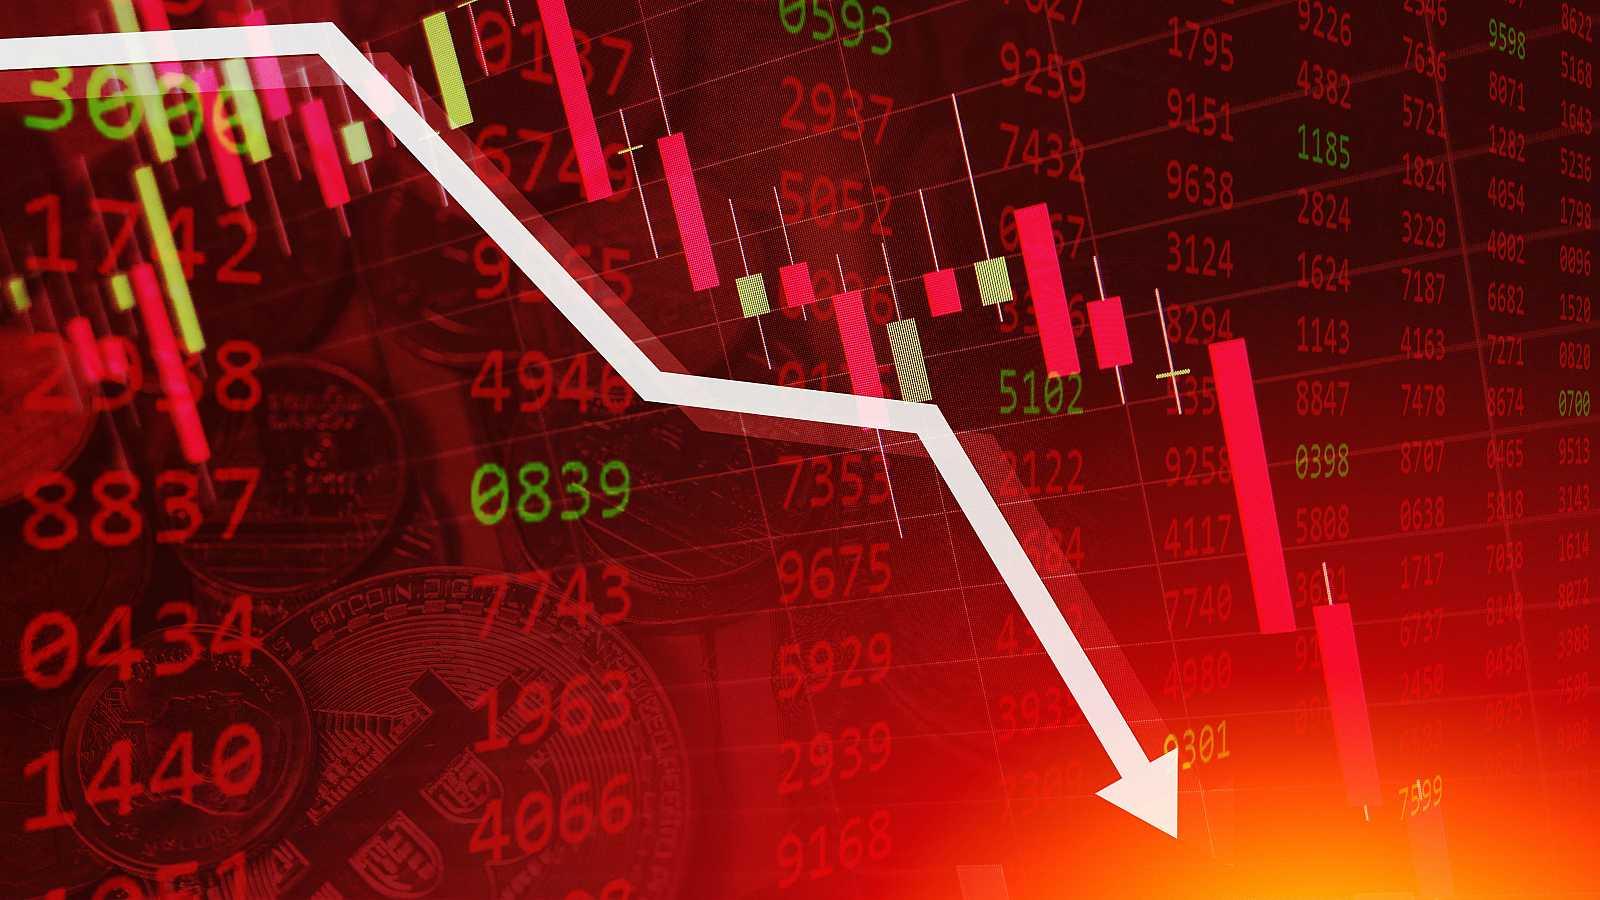 La bolsa española baja un 0,72 % y se aleja de los 7.000 puntos